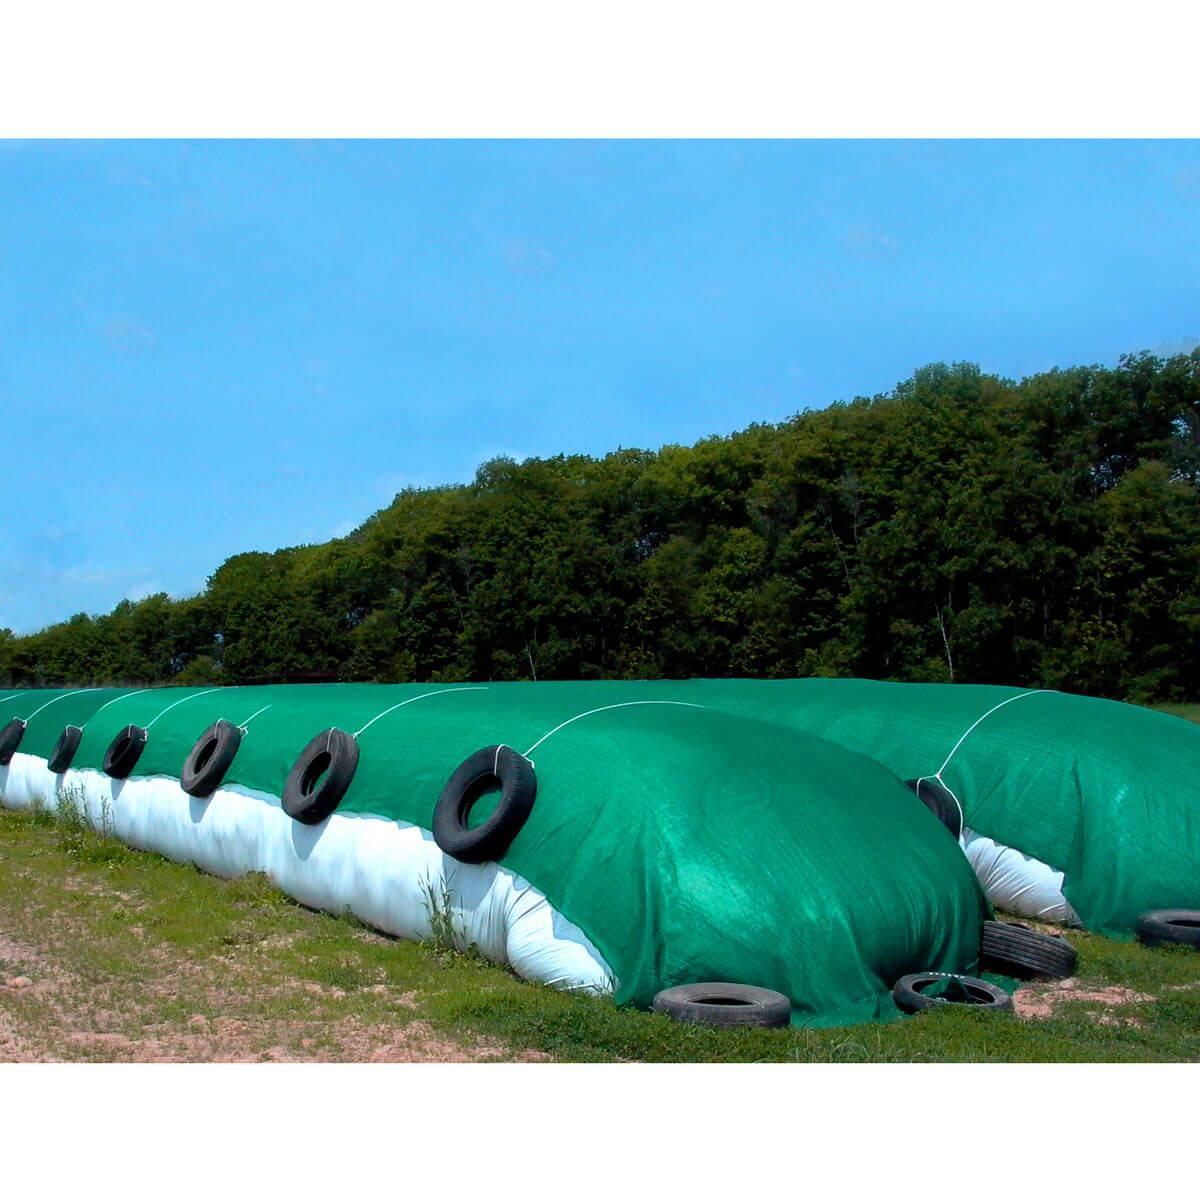 Ag Flex Grain Bags - Pack of 20 Handled Gravel Bags